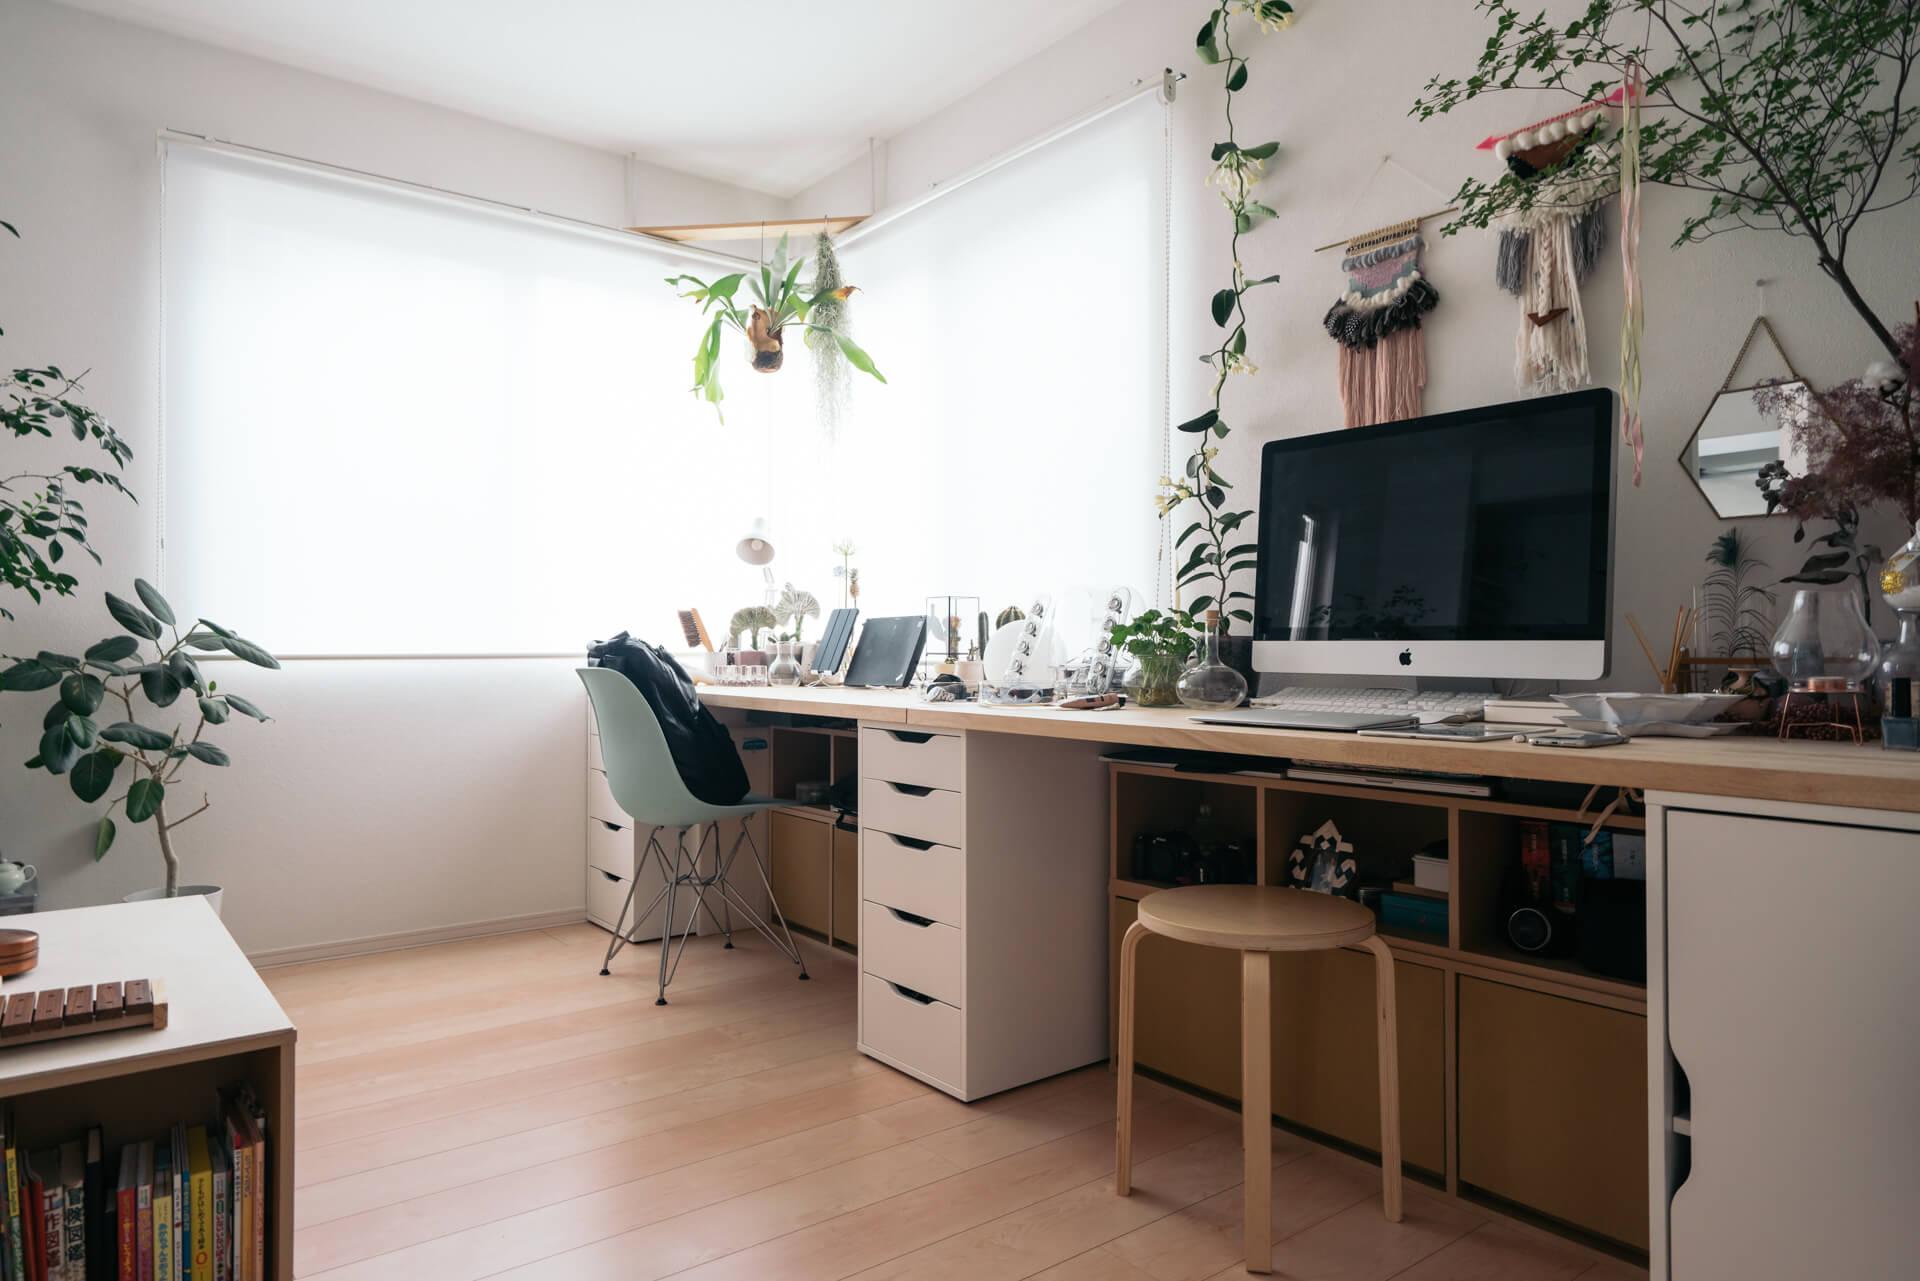 IKEAの収納家具に、板を渡して作ったカウンターデスク!